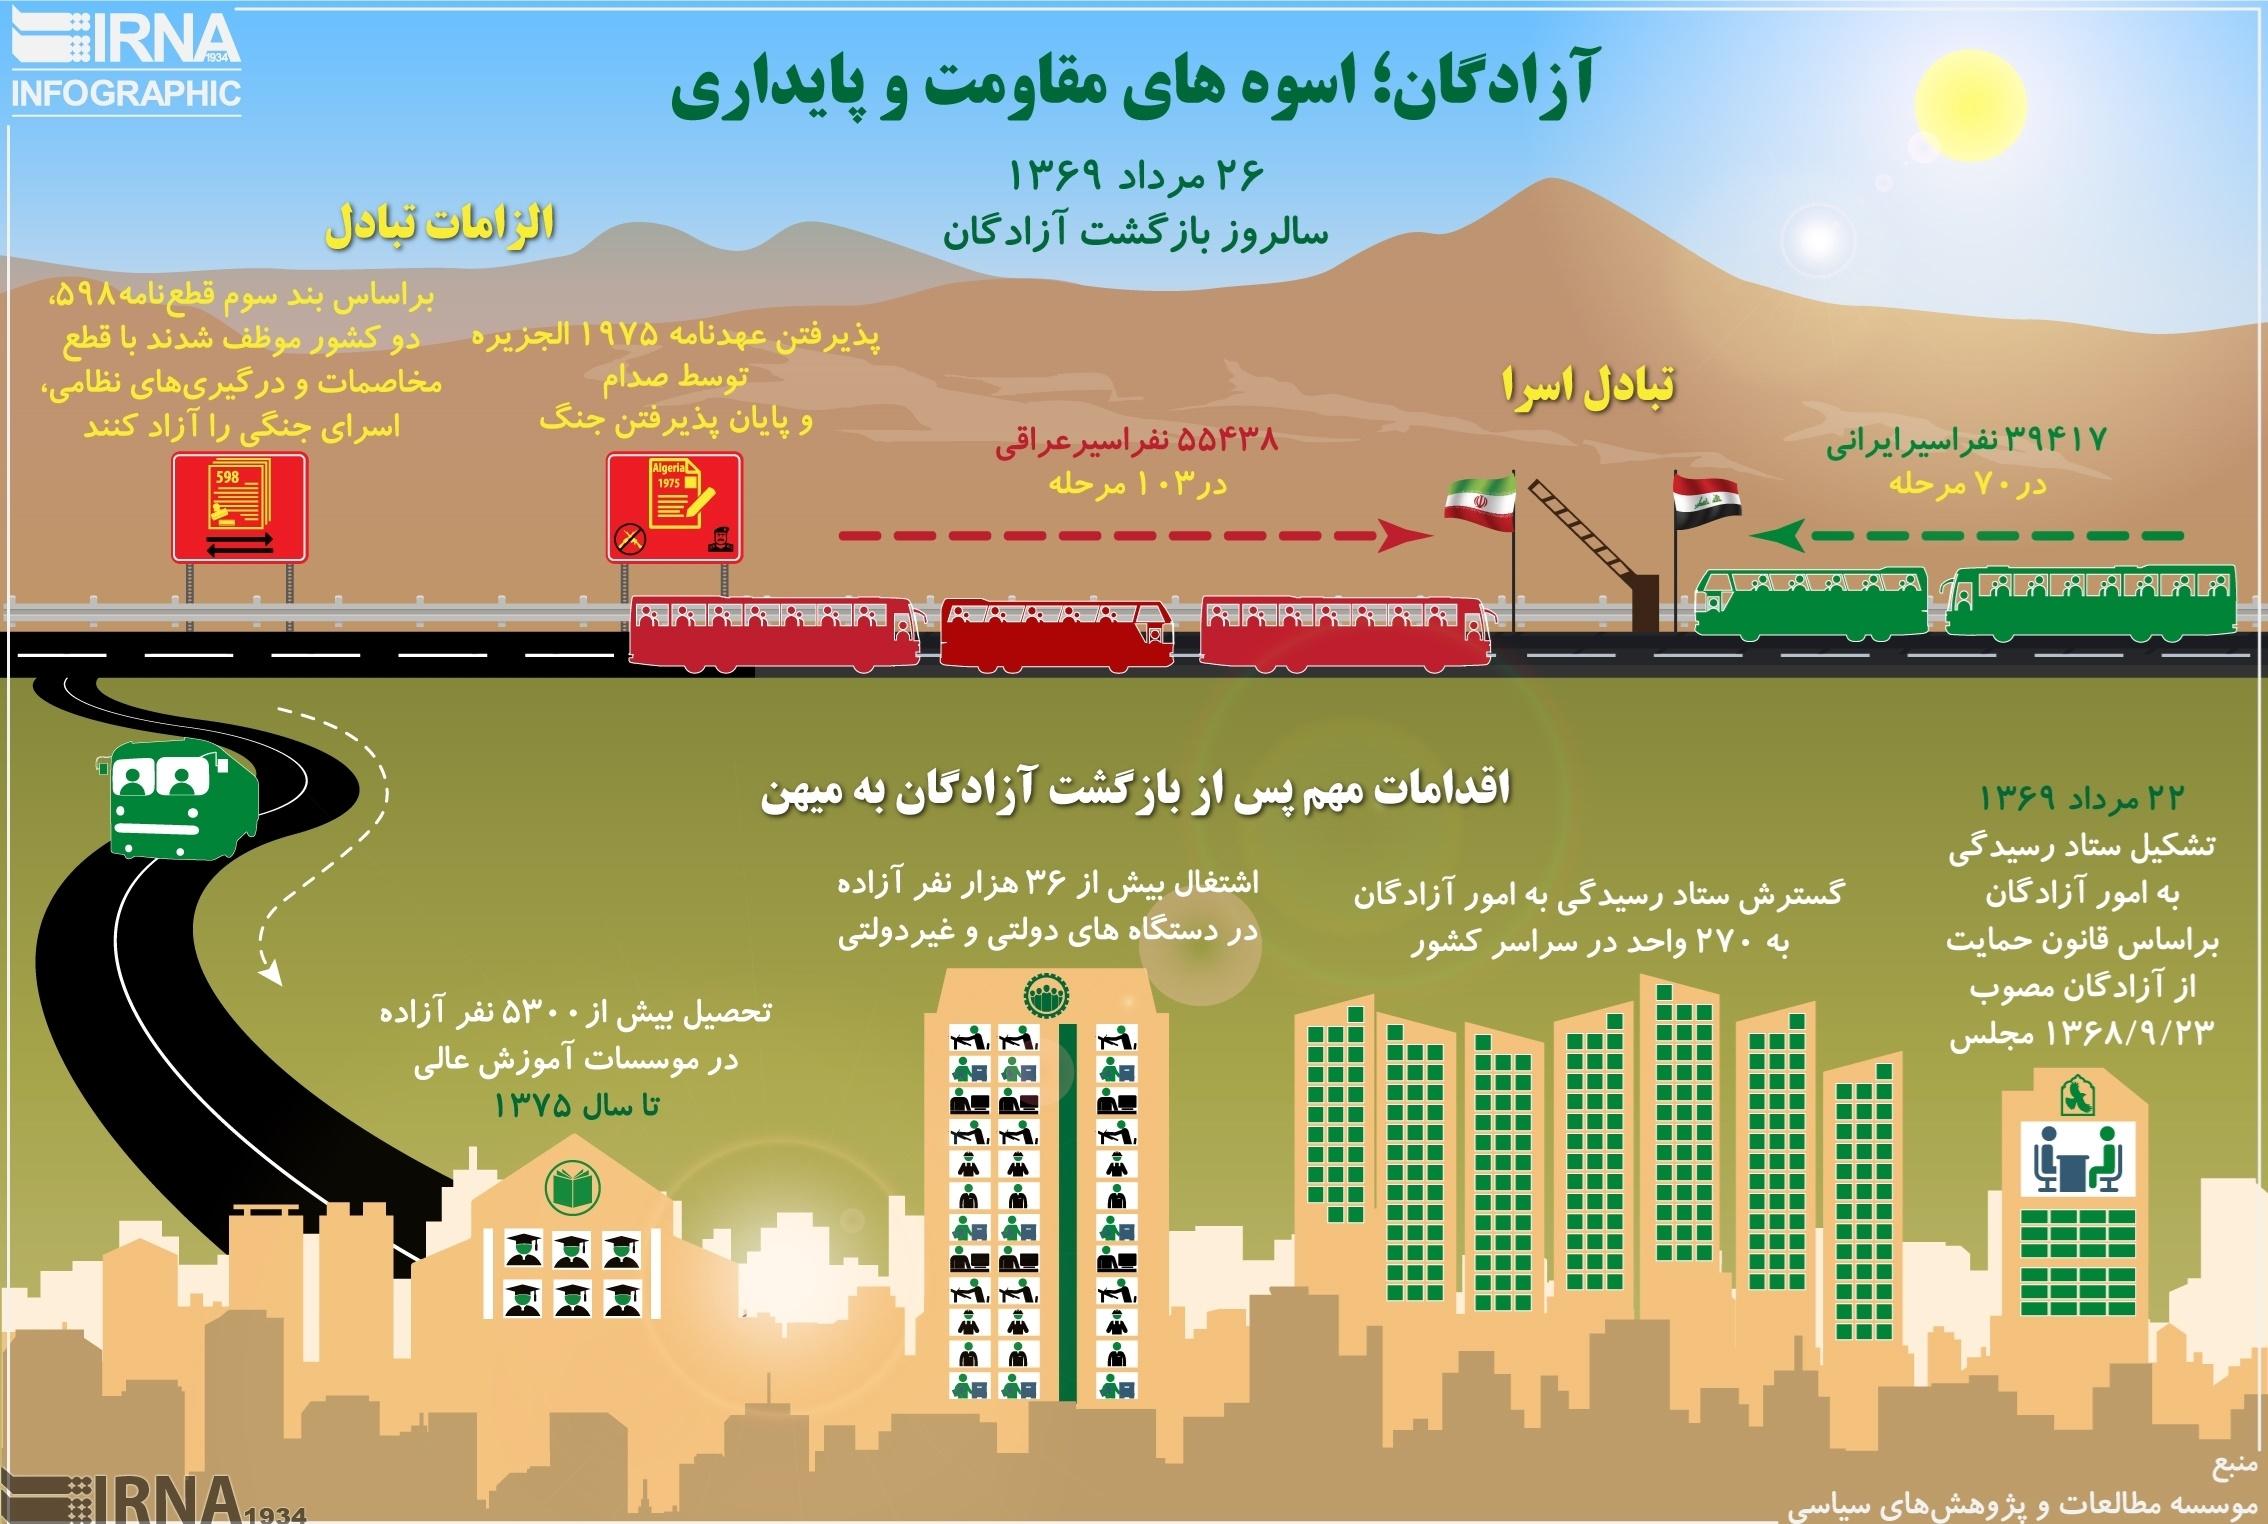 اینفوگرافیک | تبادل اسرای ایرانی و عراقی اینگونه انجام شد